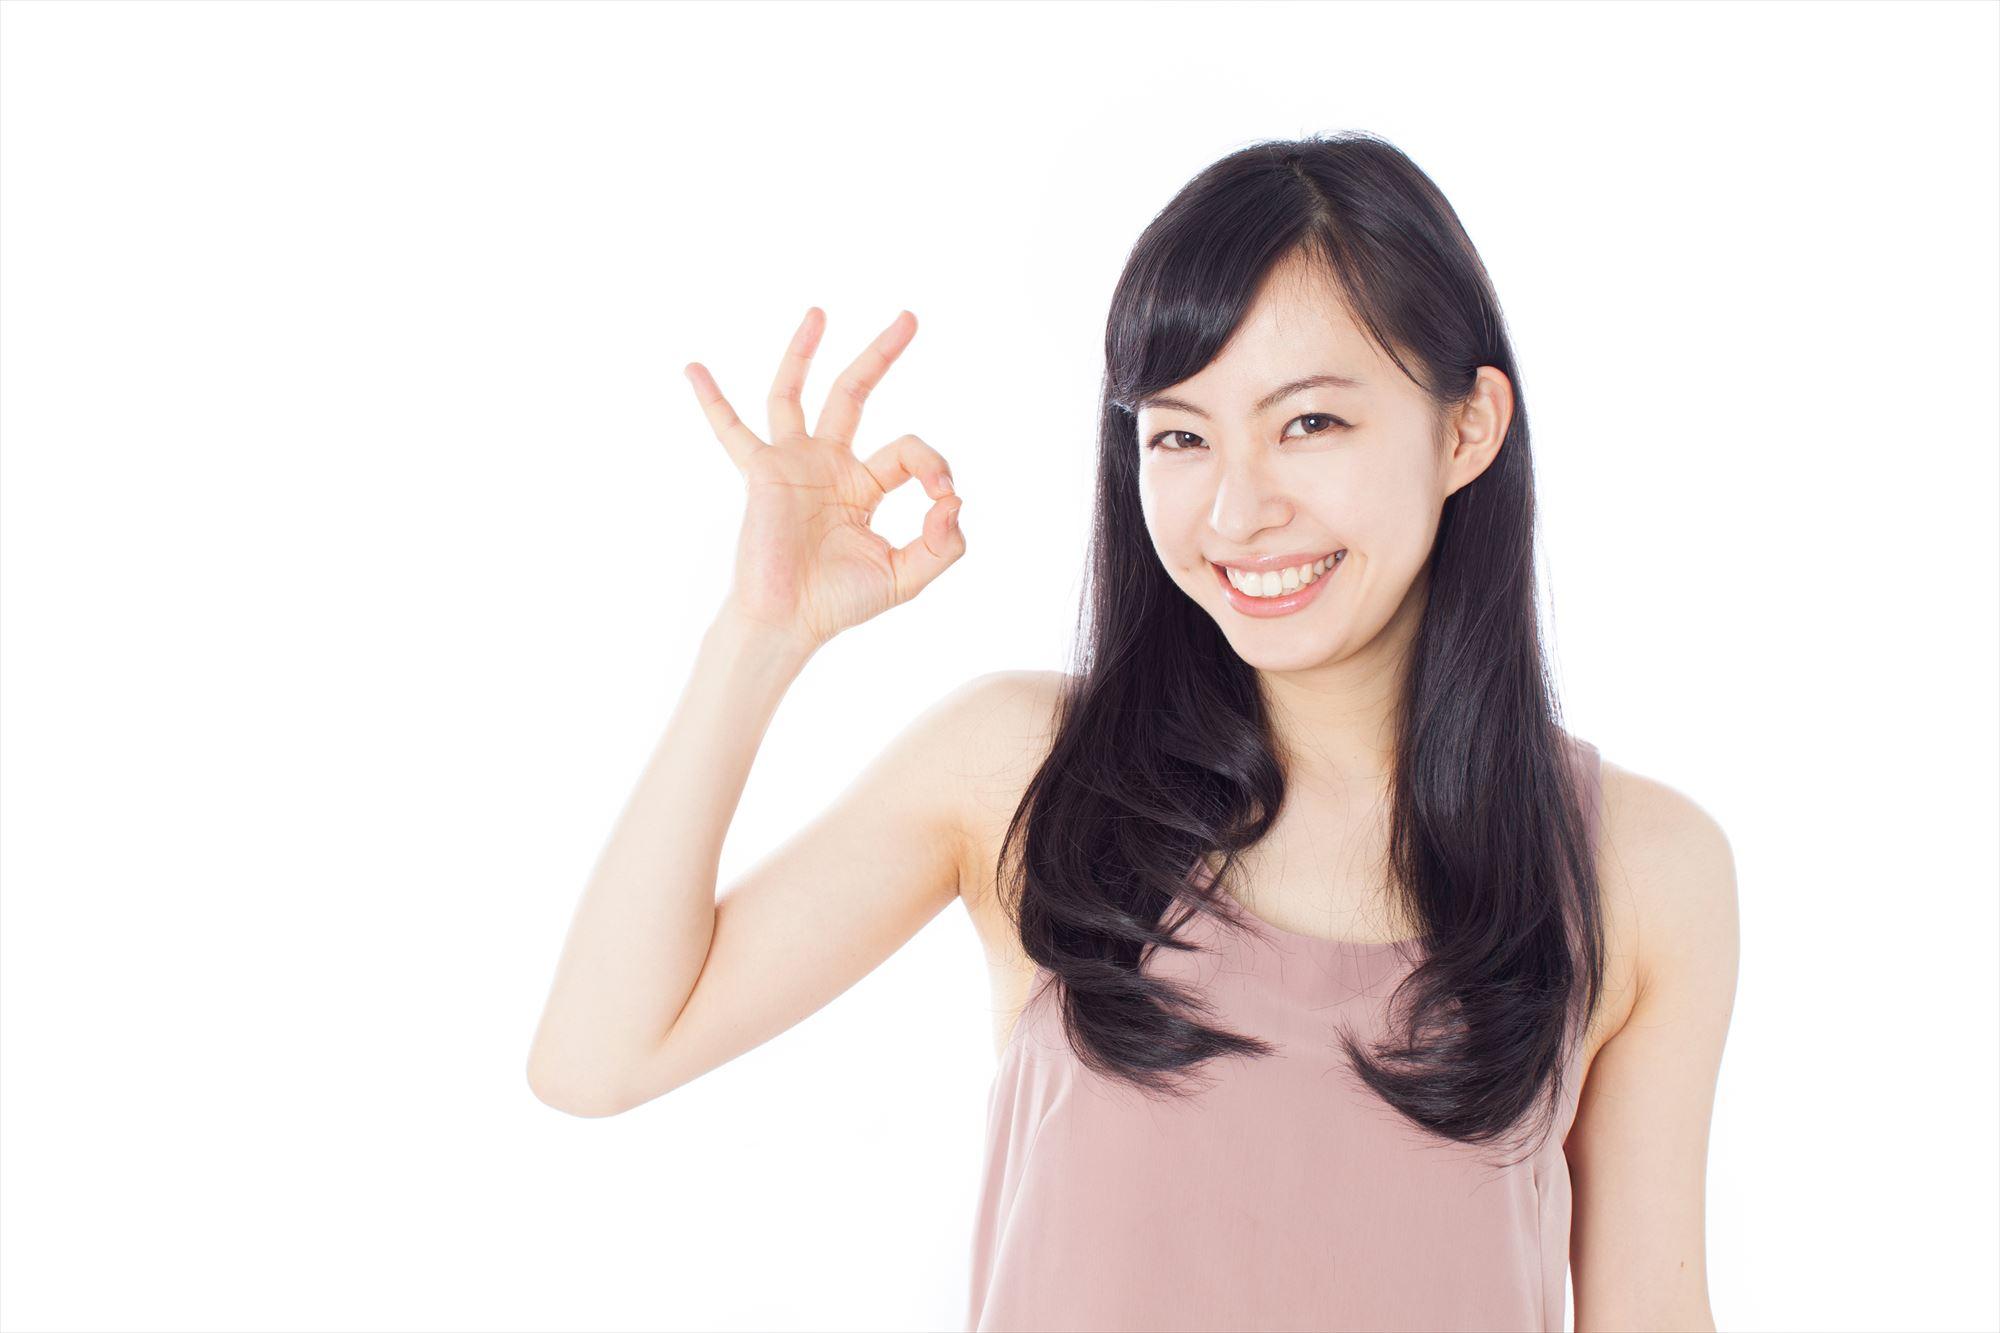 メリット4.便利な日本人コミュニティ